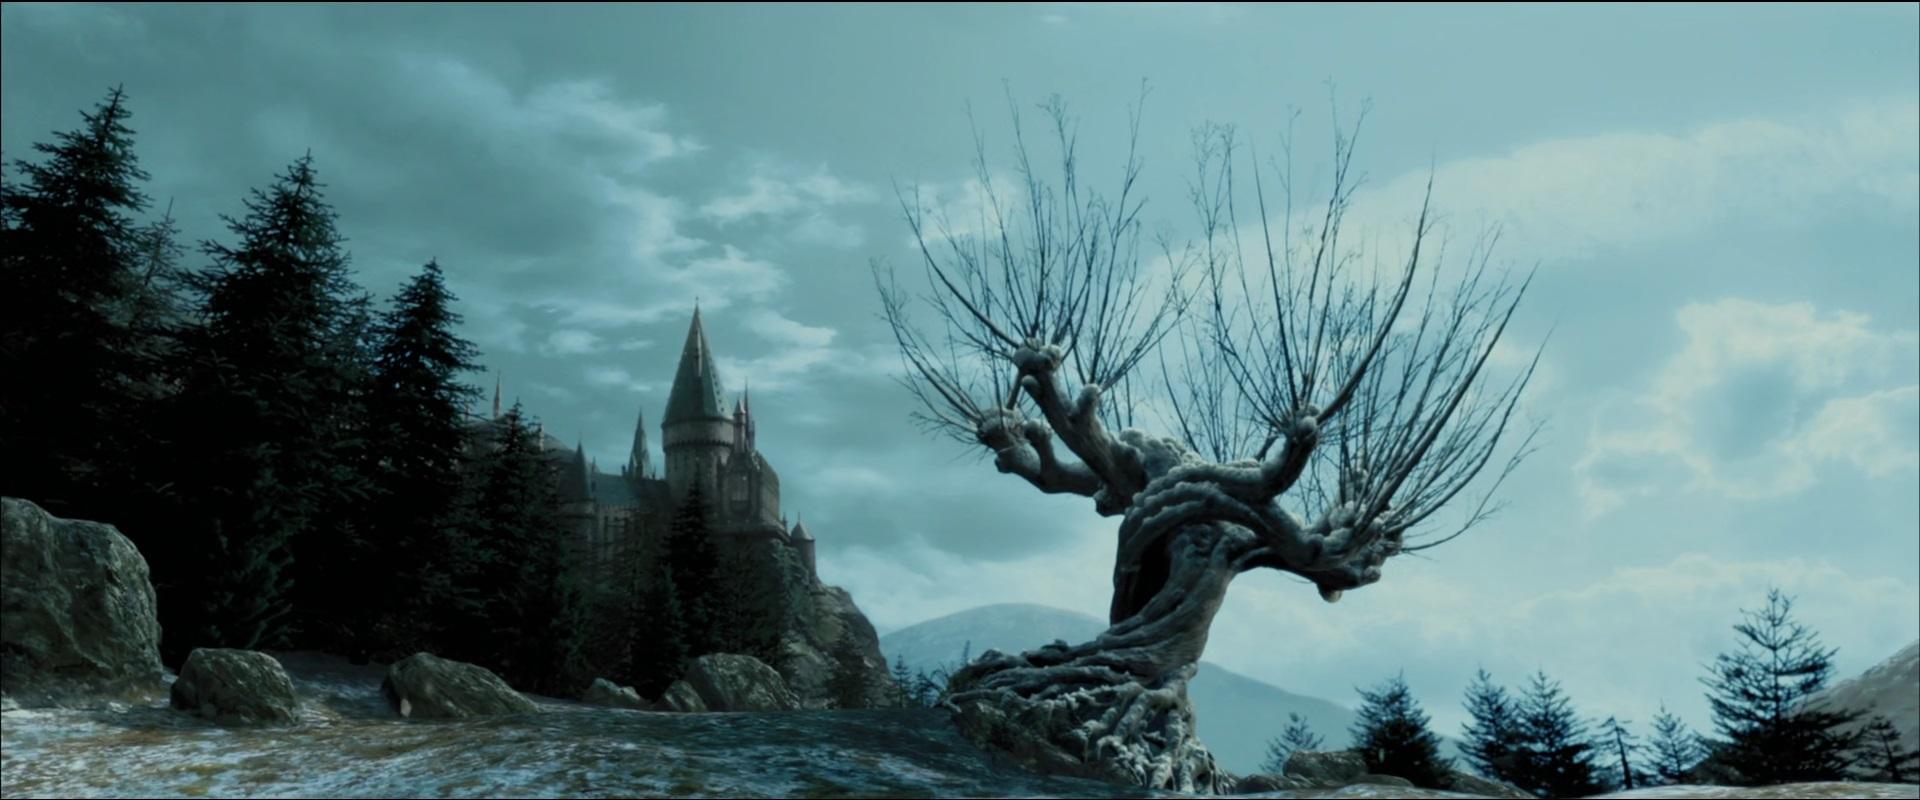 Willowhogwarts